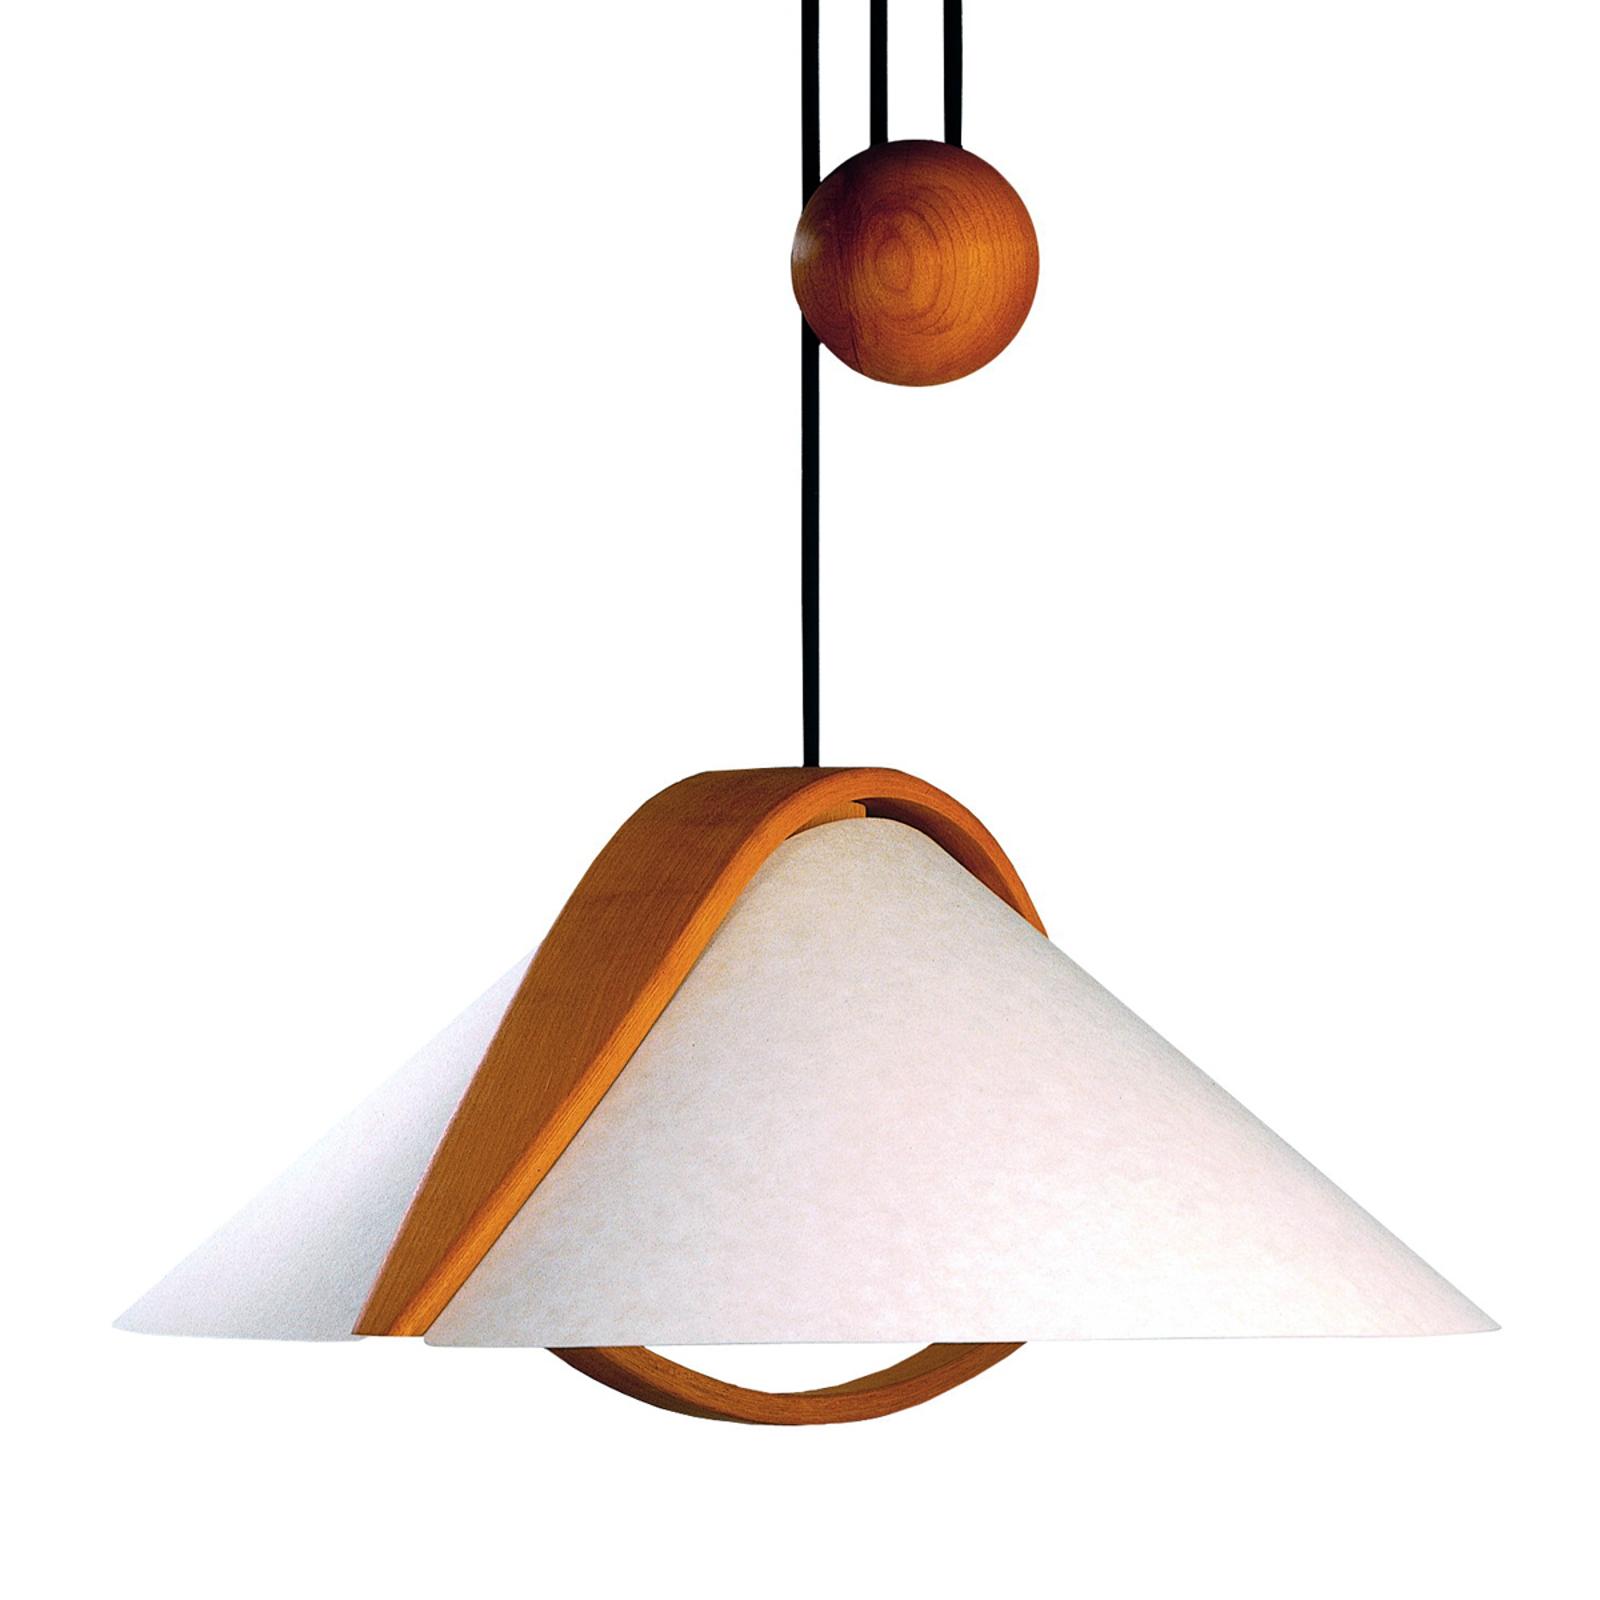 Arta lampe med snoretræk fra Domus